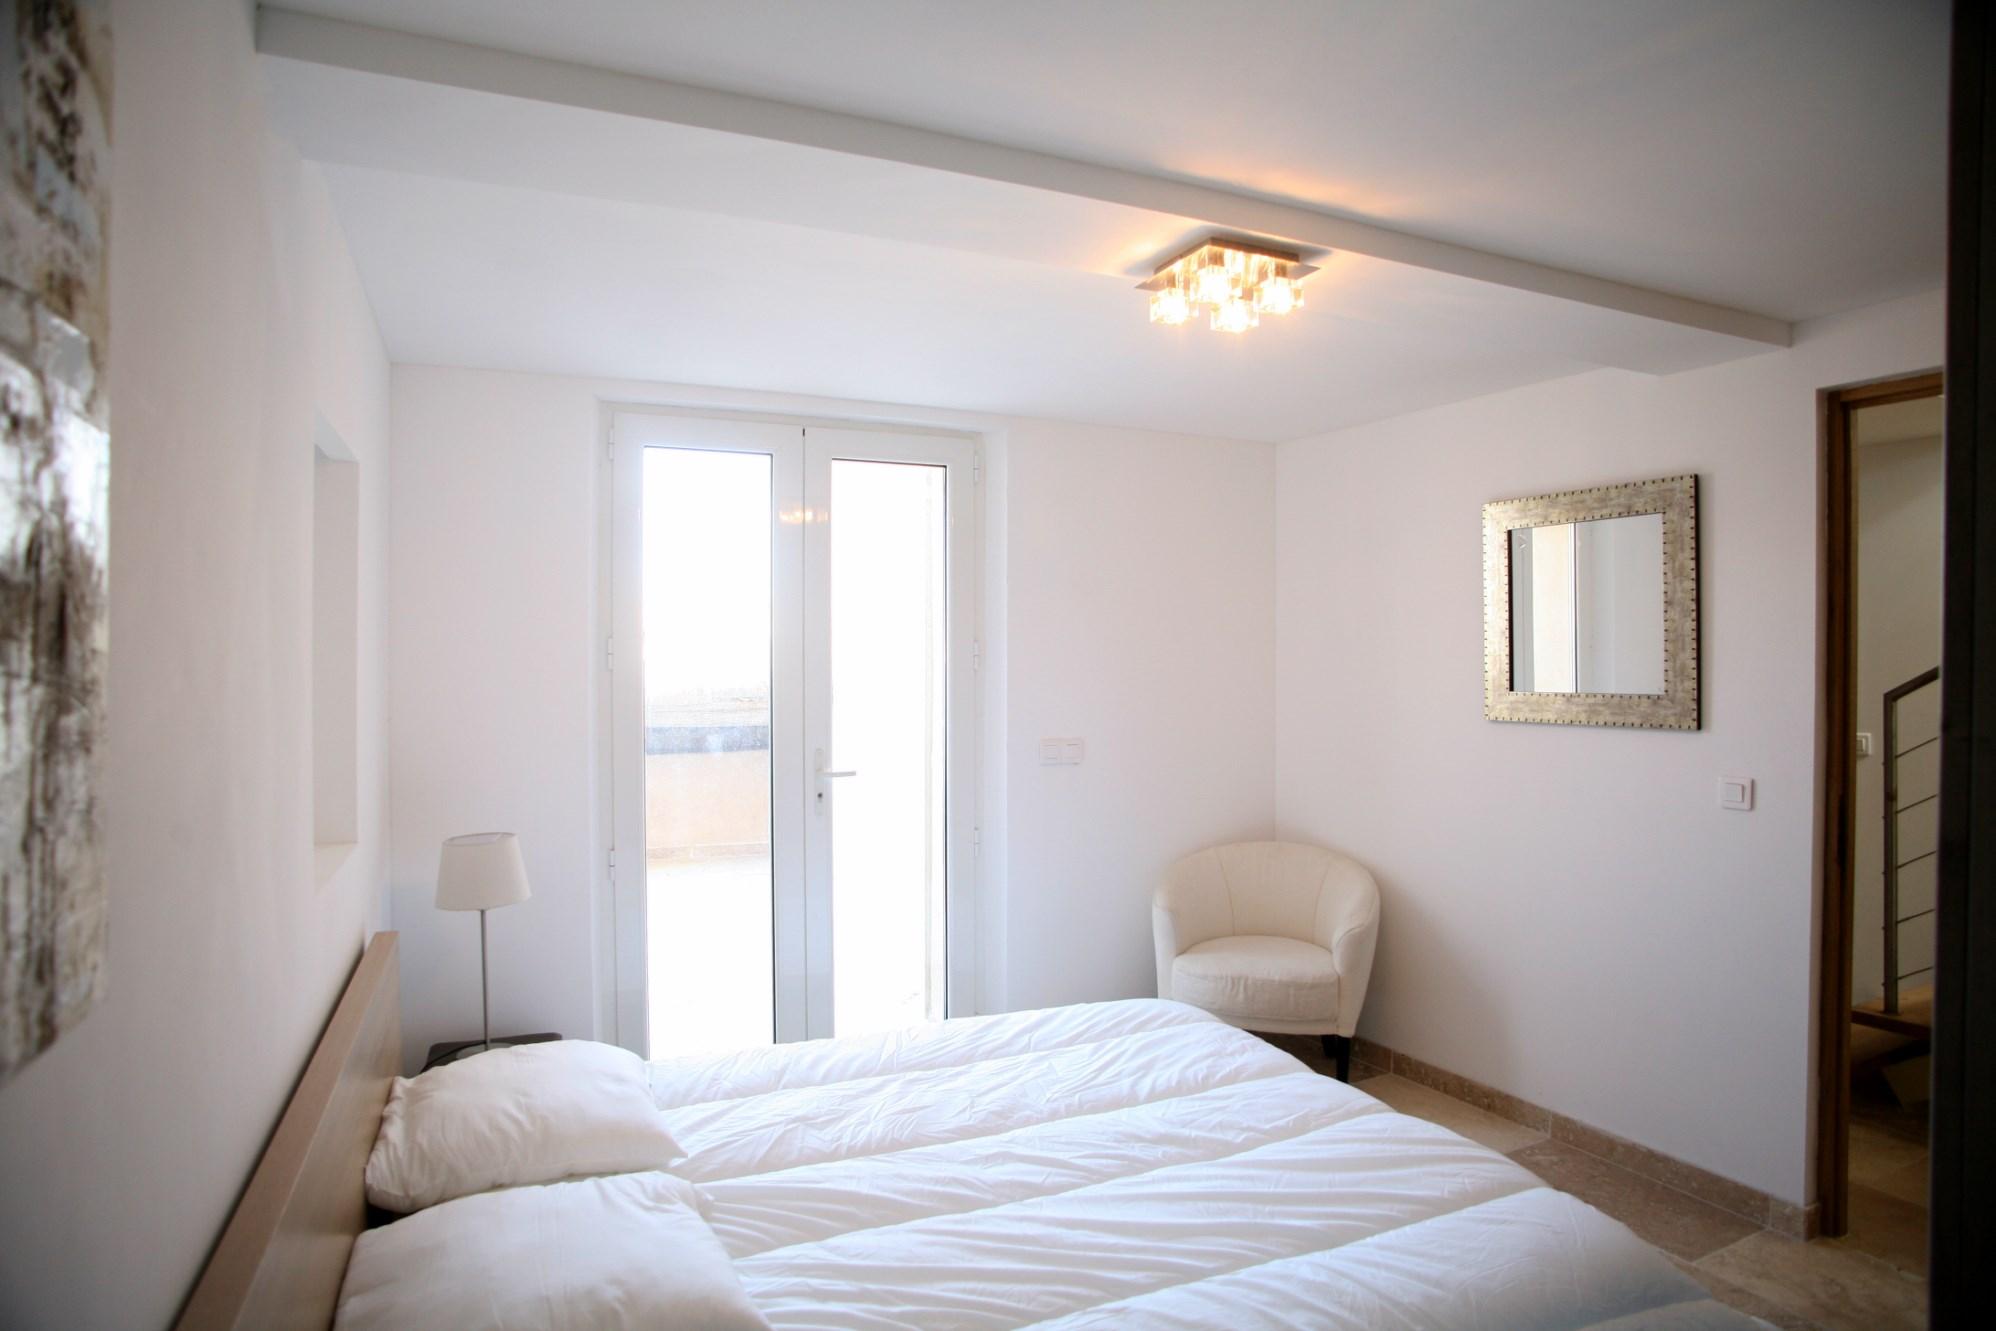 A vendre, Goult en Luberon,  maison de village rénovée avec des matériaux de qualité